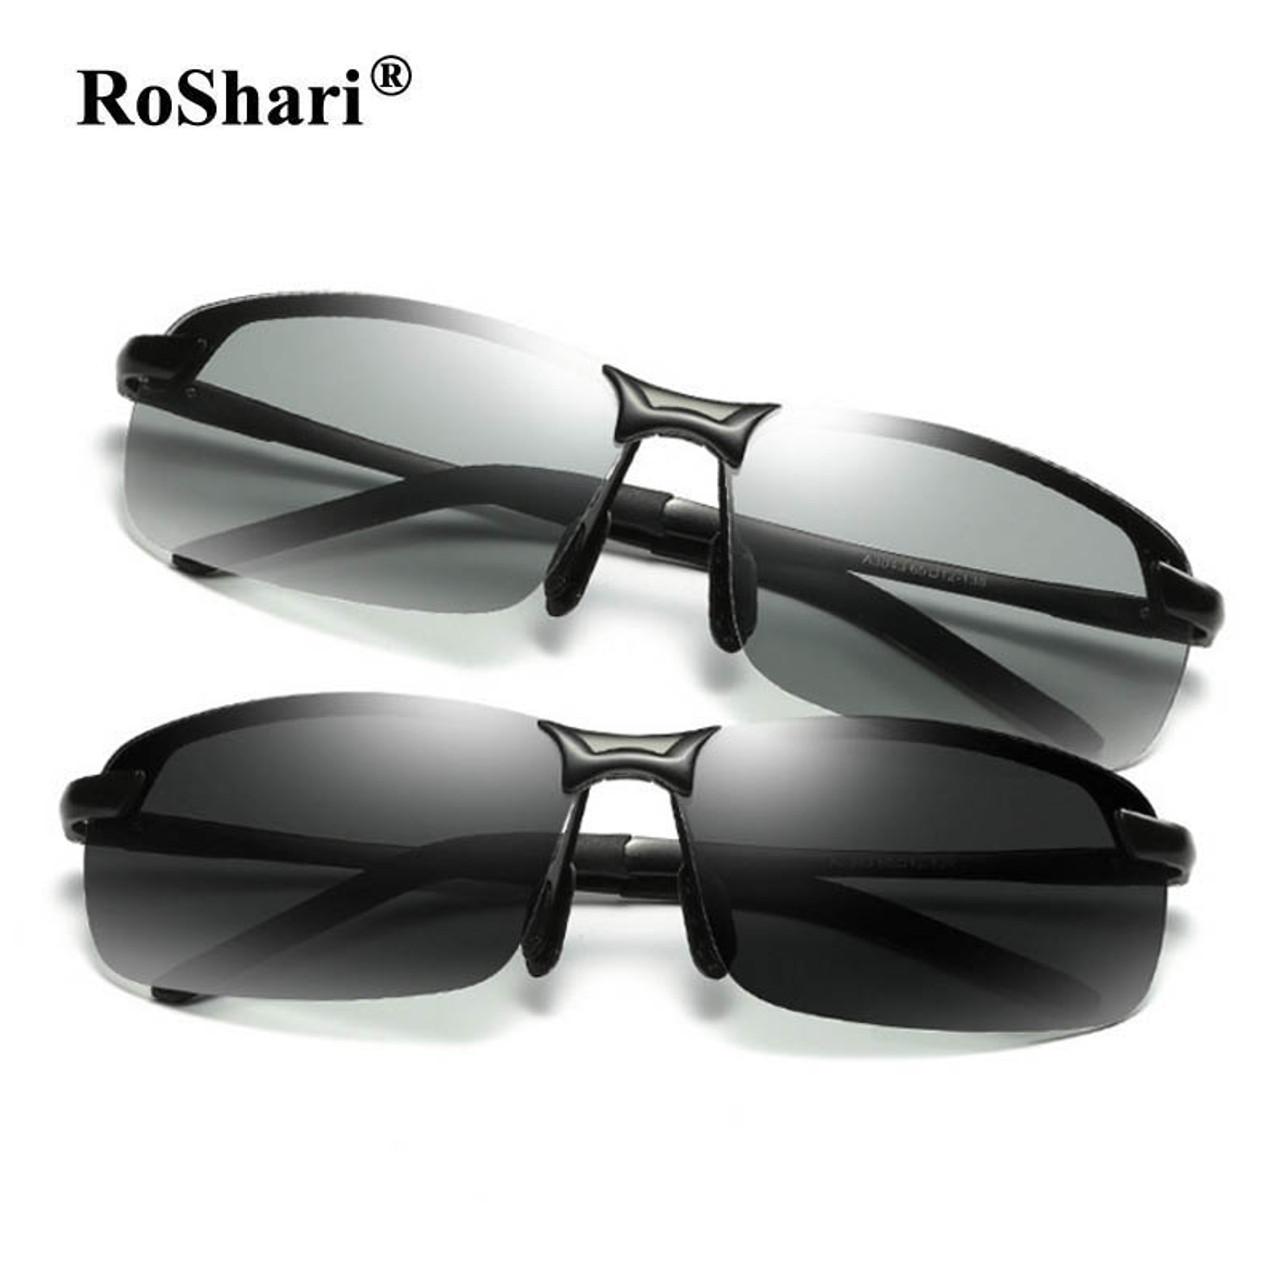 4af1d7b1c8 RoShari Driving Photochromic Sunglasses Men Polarized Chameleon  Discoloration Sun glasses for men ...